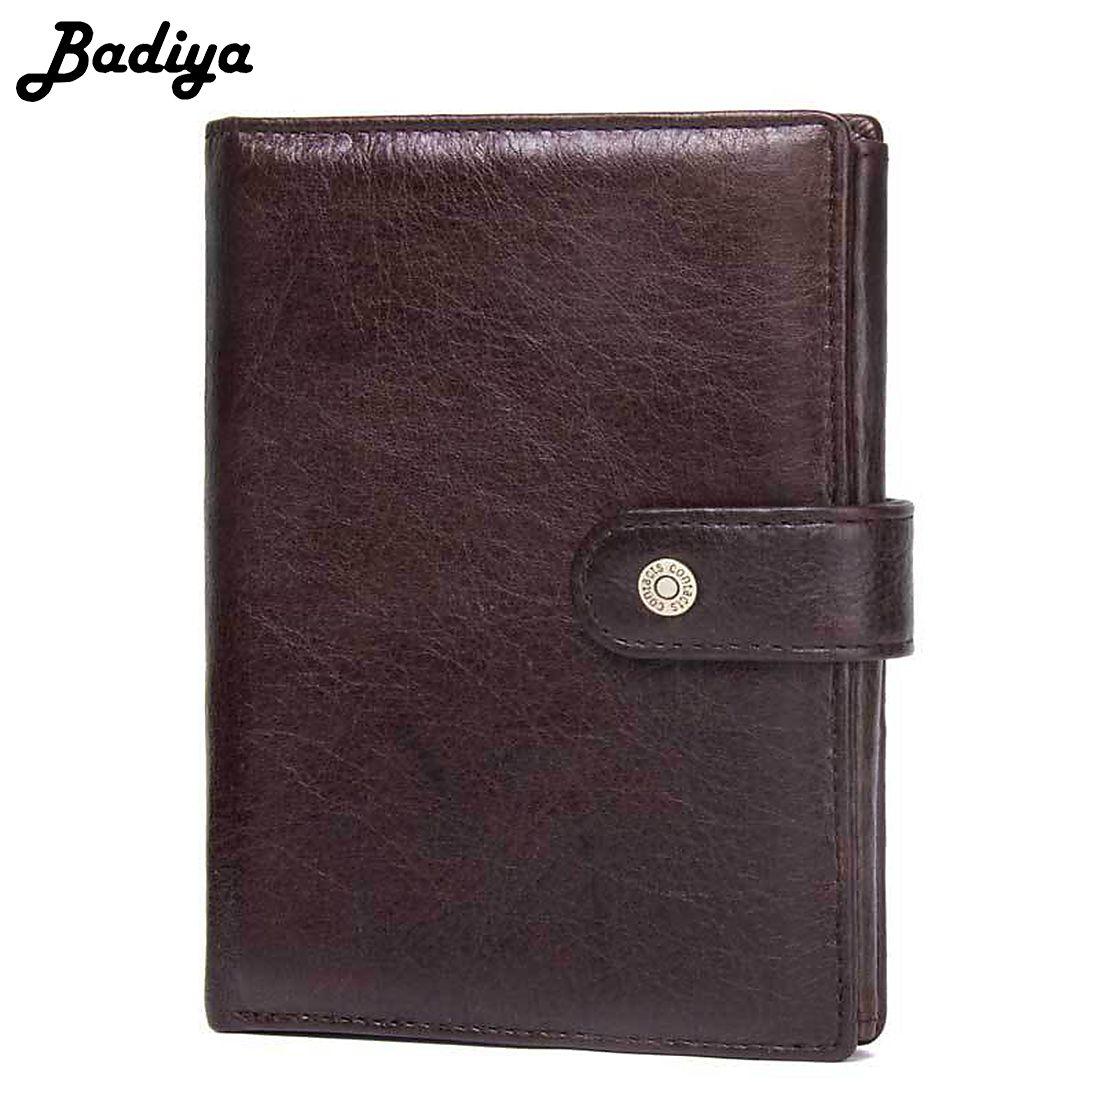 Genuine Leather Passport Cover Bifold Wallet Men Vintage Cowhide Purse Men Hasp Card Holder Luxury Brand Passport Case Clutch